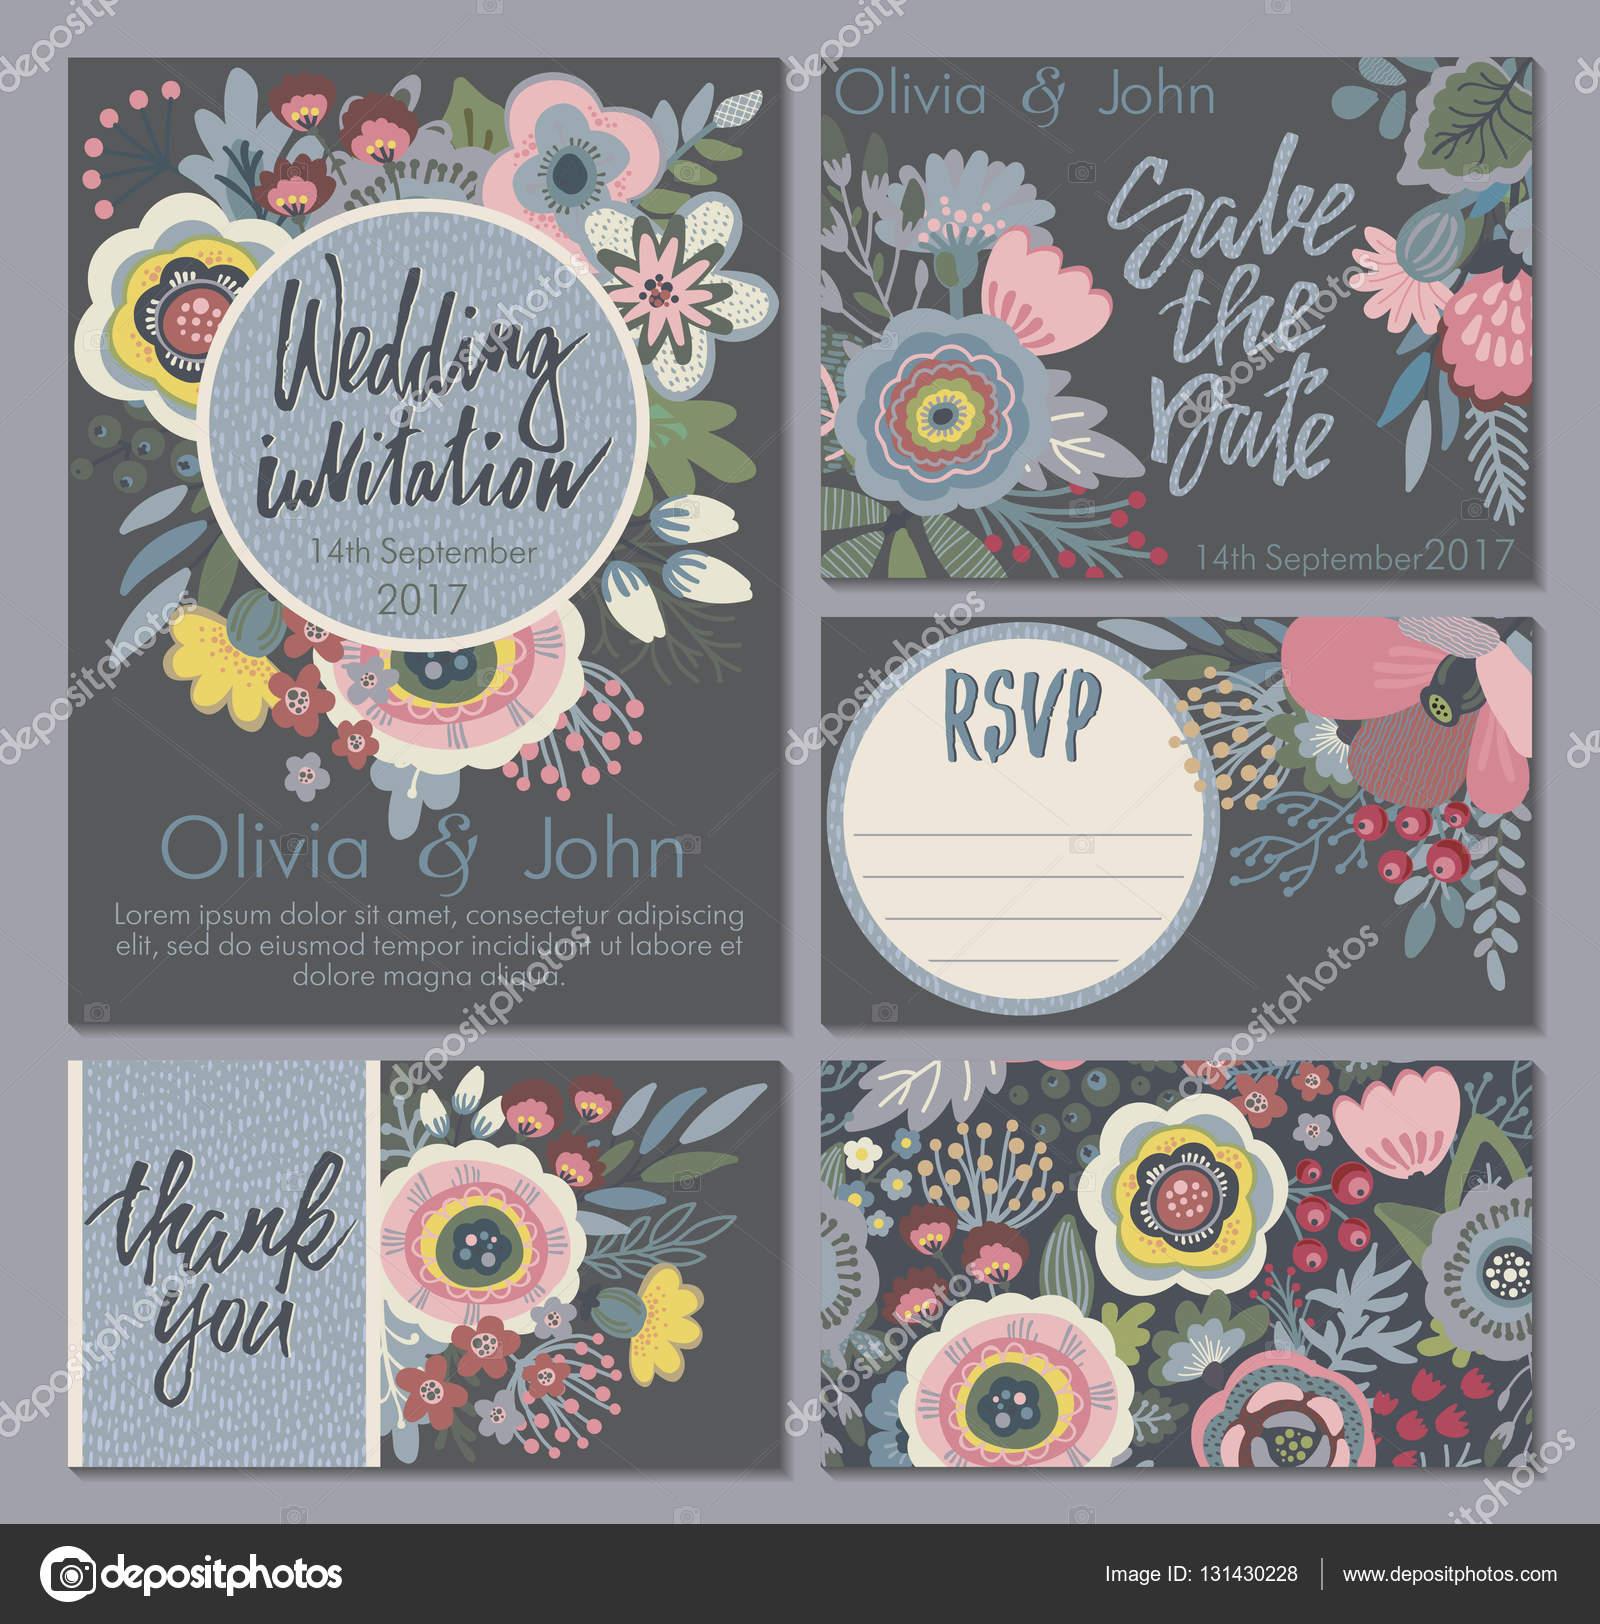 Nett Hochzeit Rsvp Vorlage Kostenlos Bilder - Beispiel ...